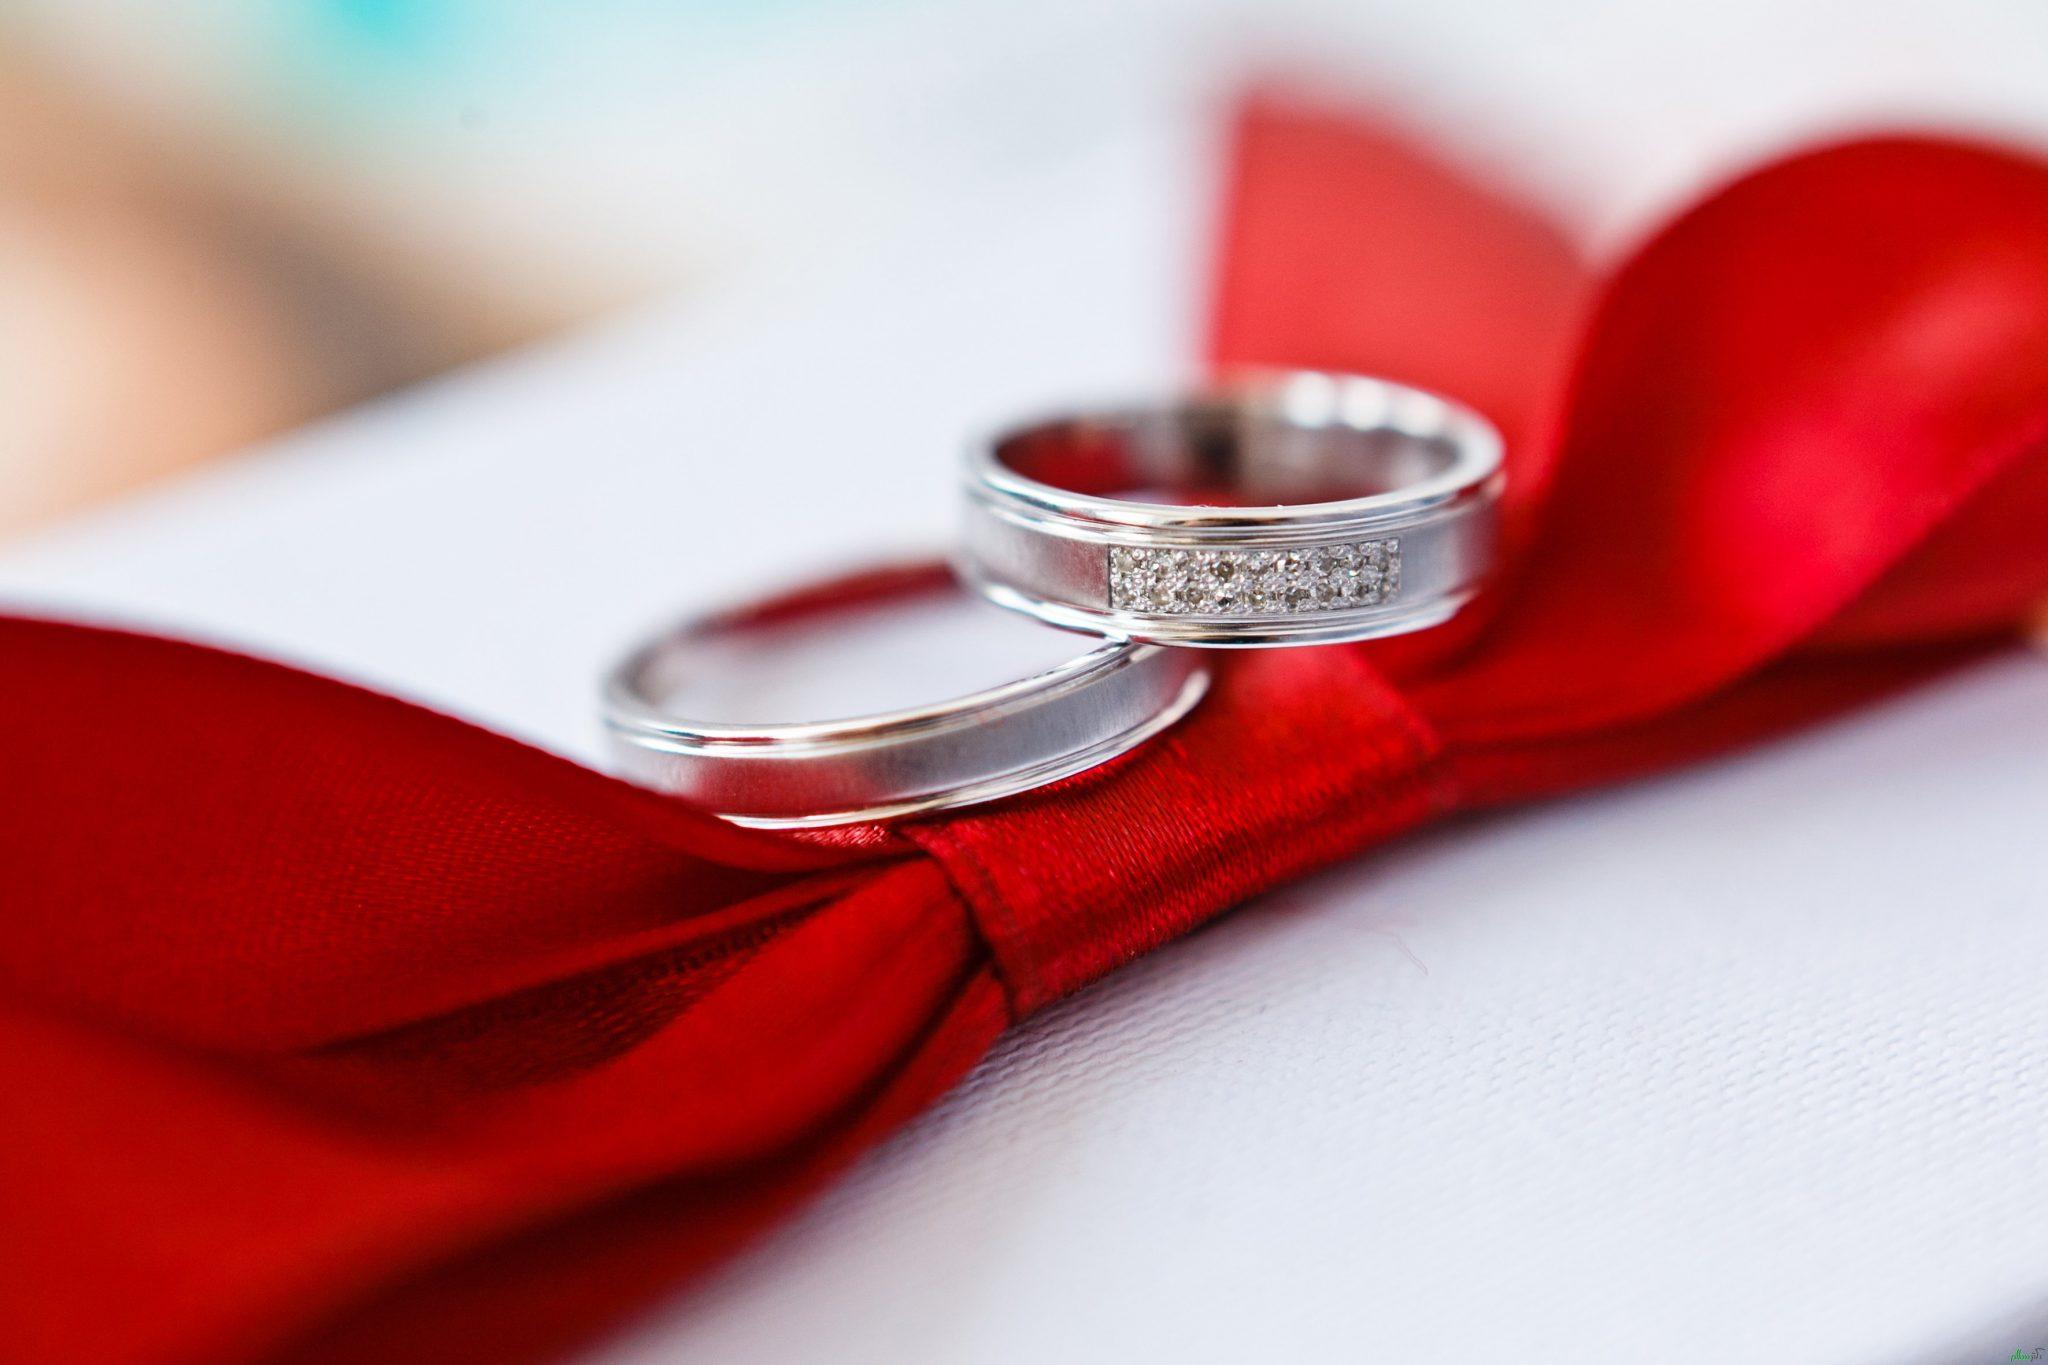 ازدواج به با همسر بزرگتر از خود آری یا خیر؟